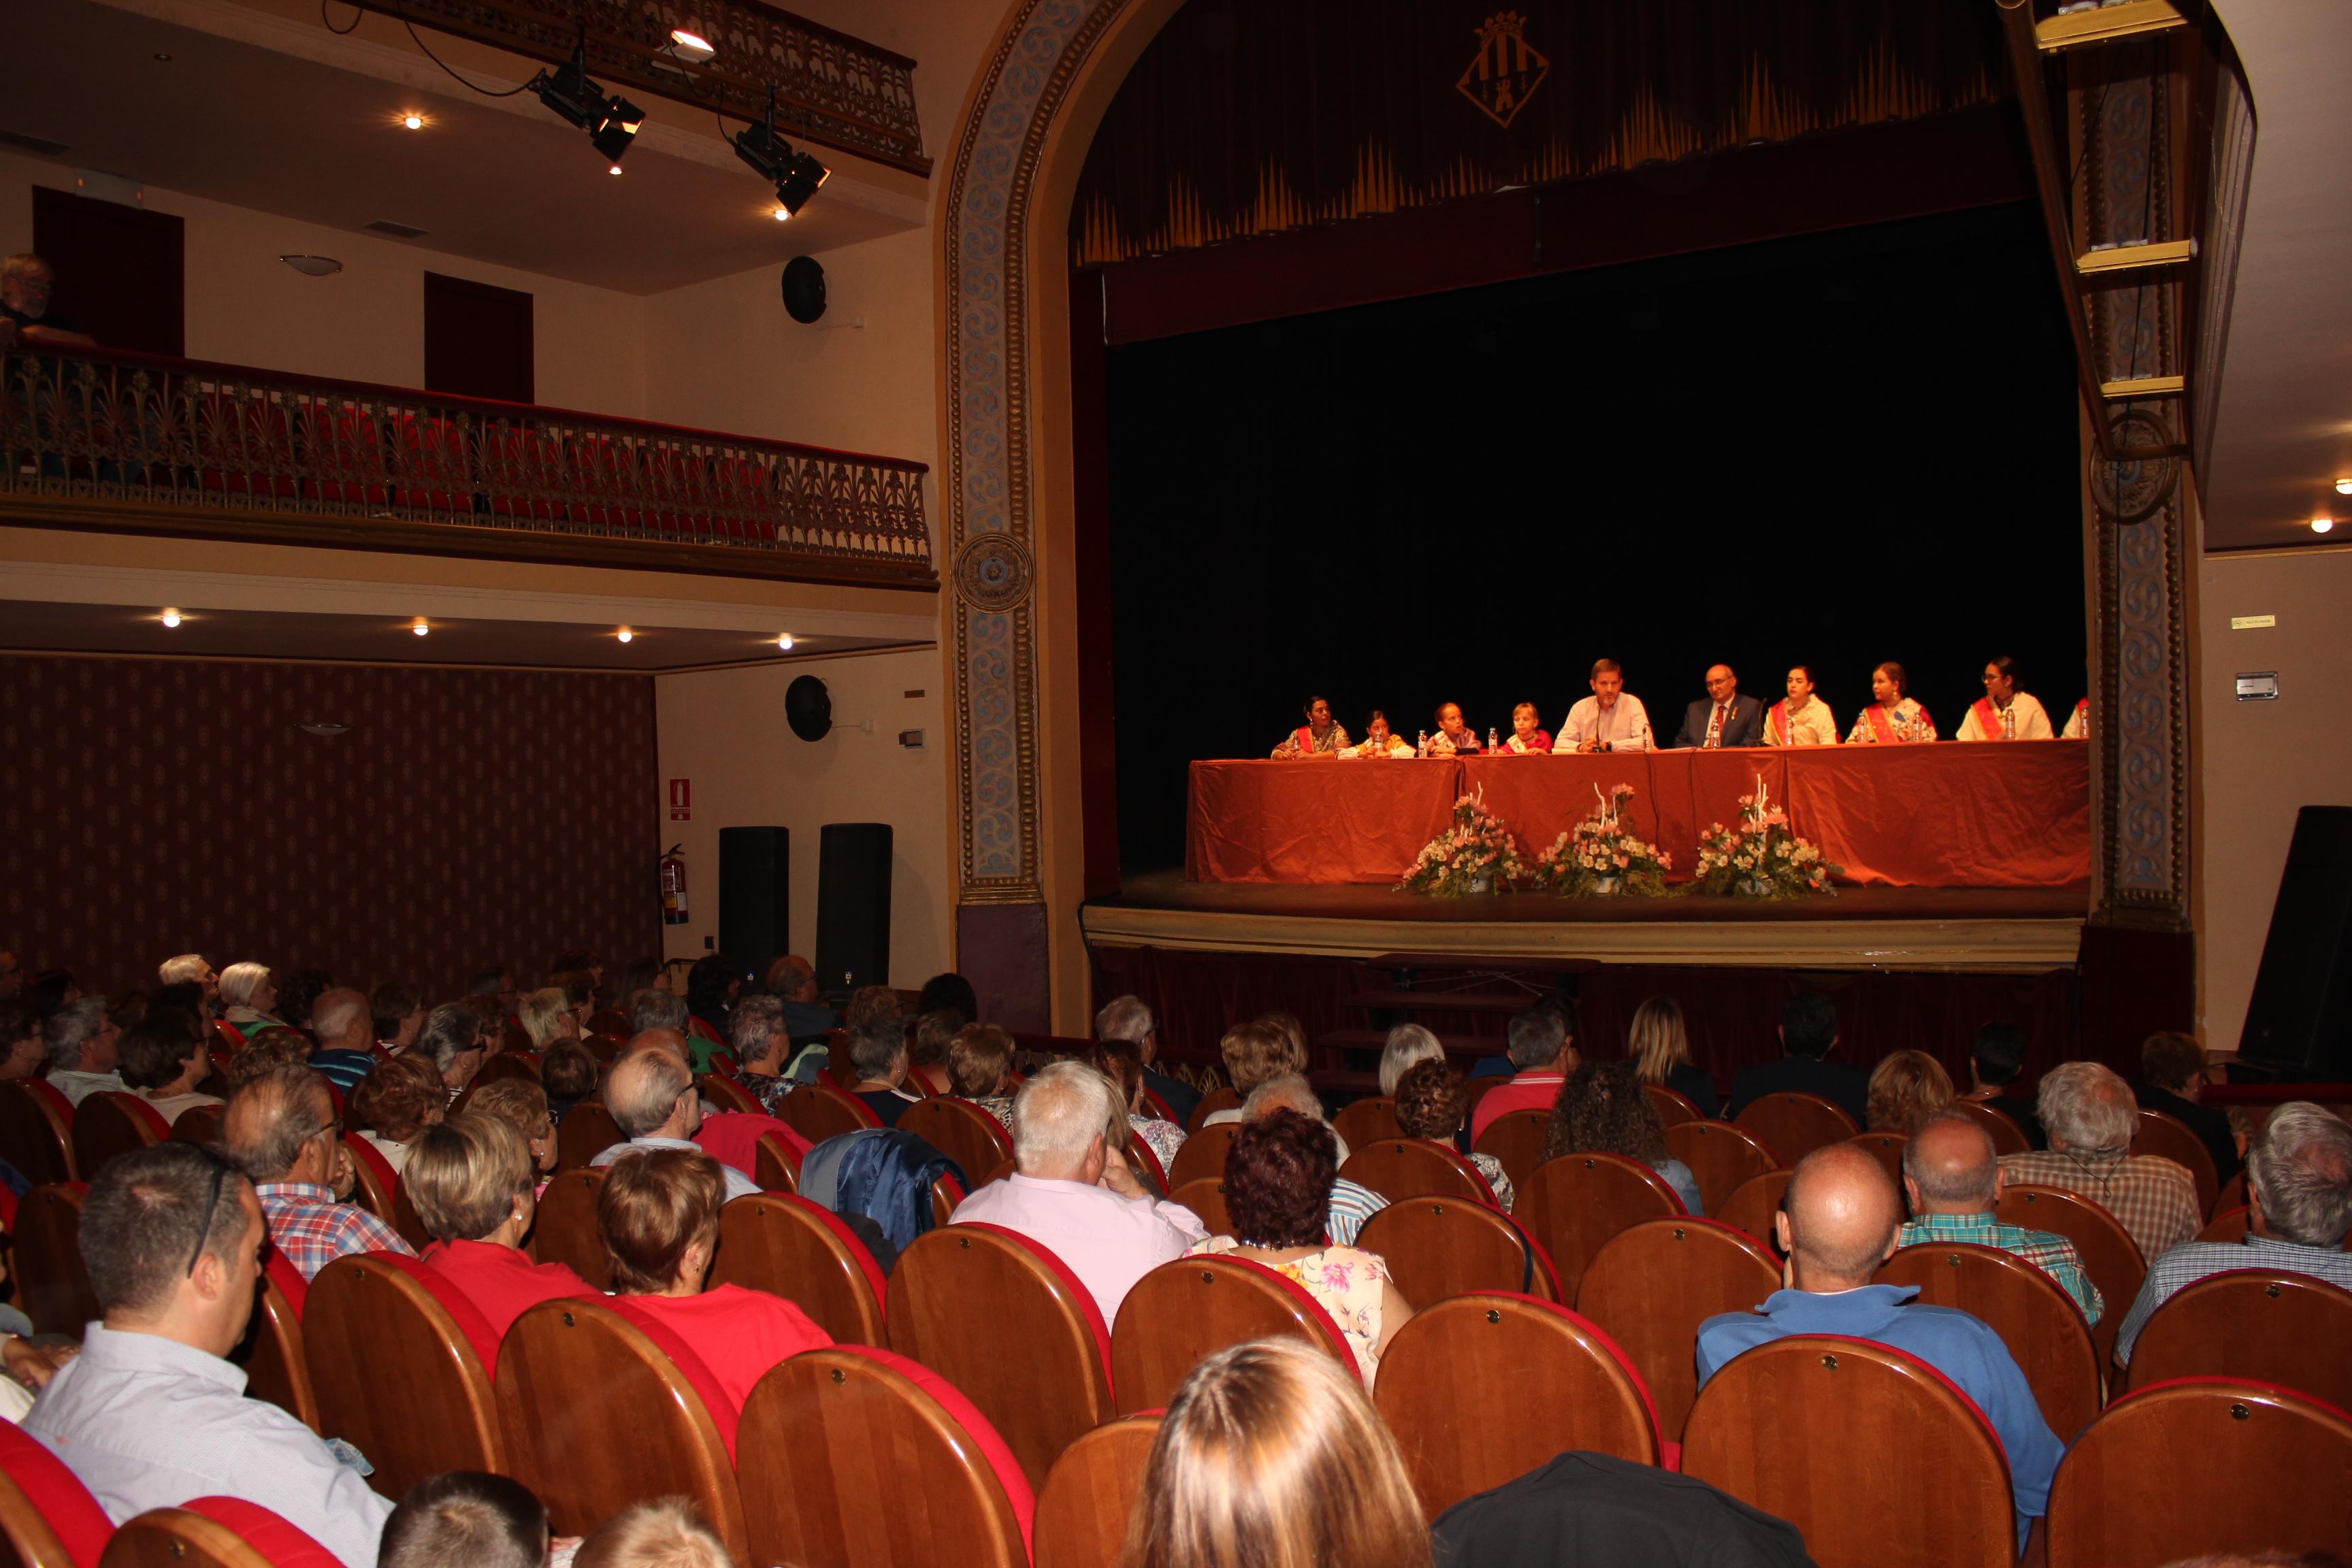 El alcalde Urquizu, el teniente alcalde Baigorri y las reinas este martes en el escenario del Teatro en el acto de los alcañizanos ausentes / L. Castel